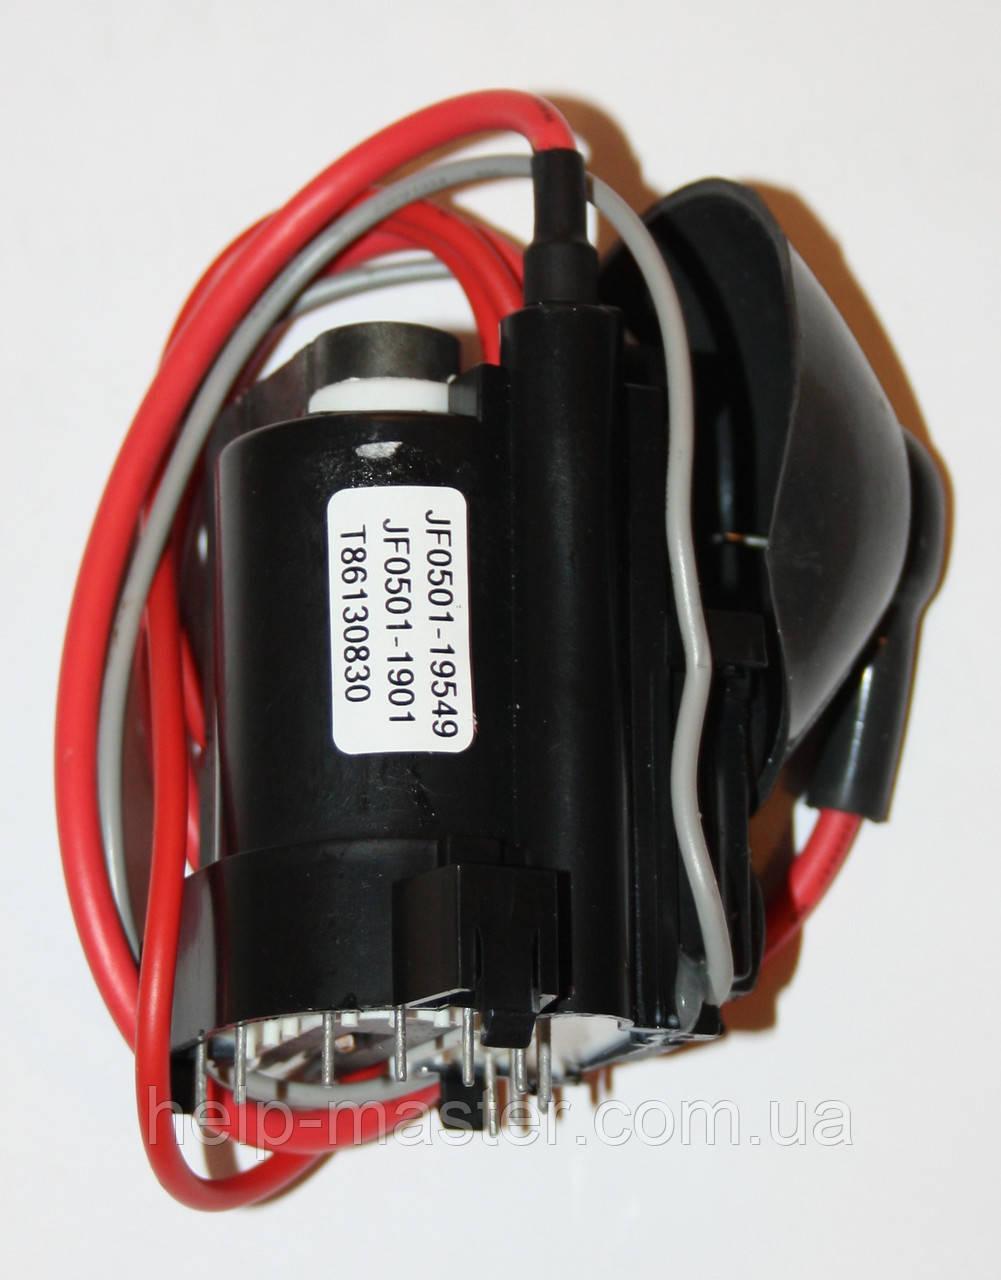 ТДКС JF0501-19549